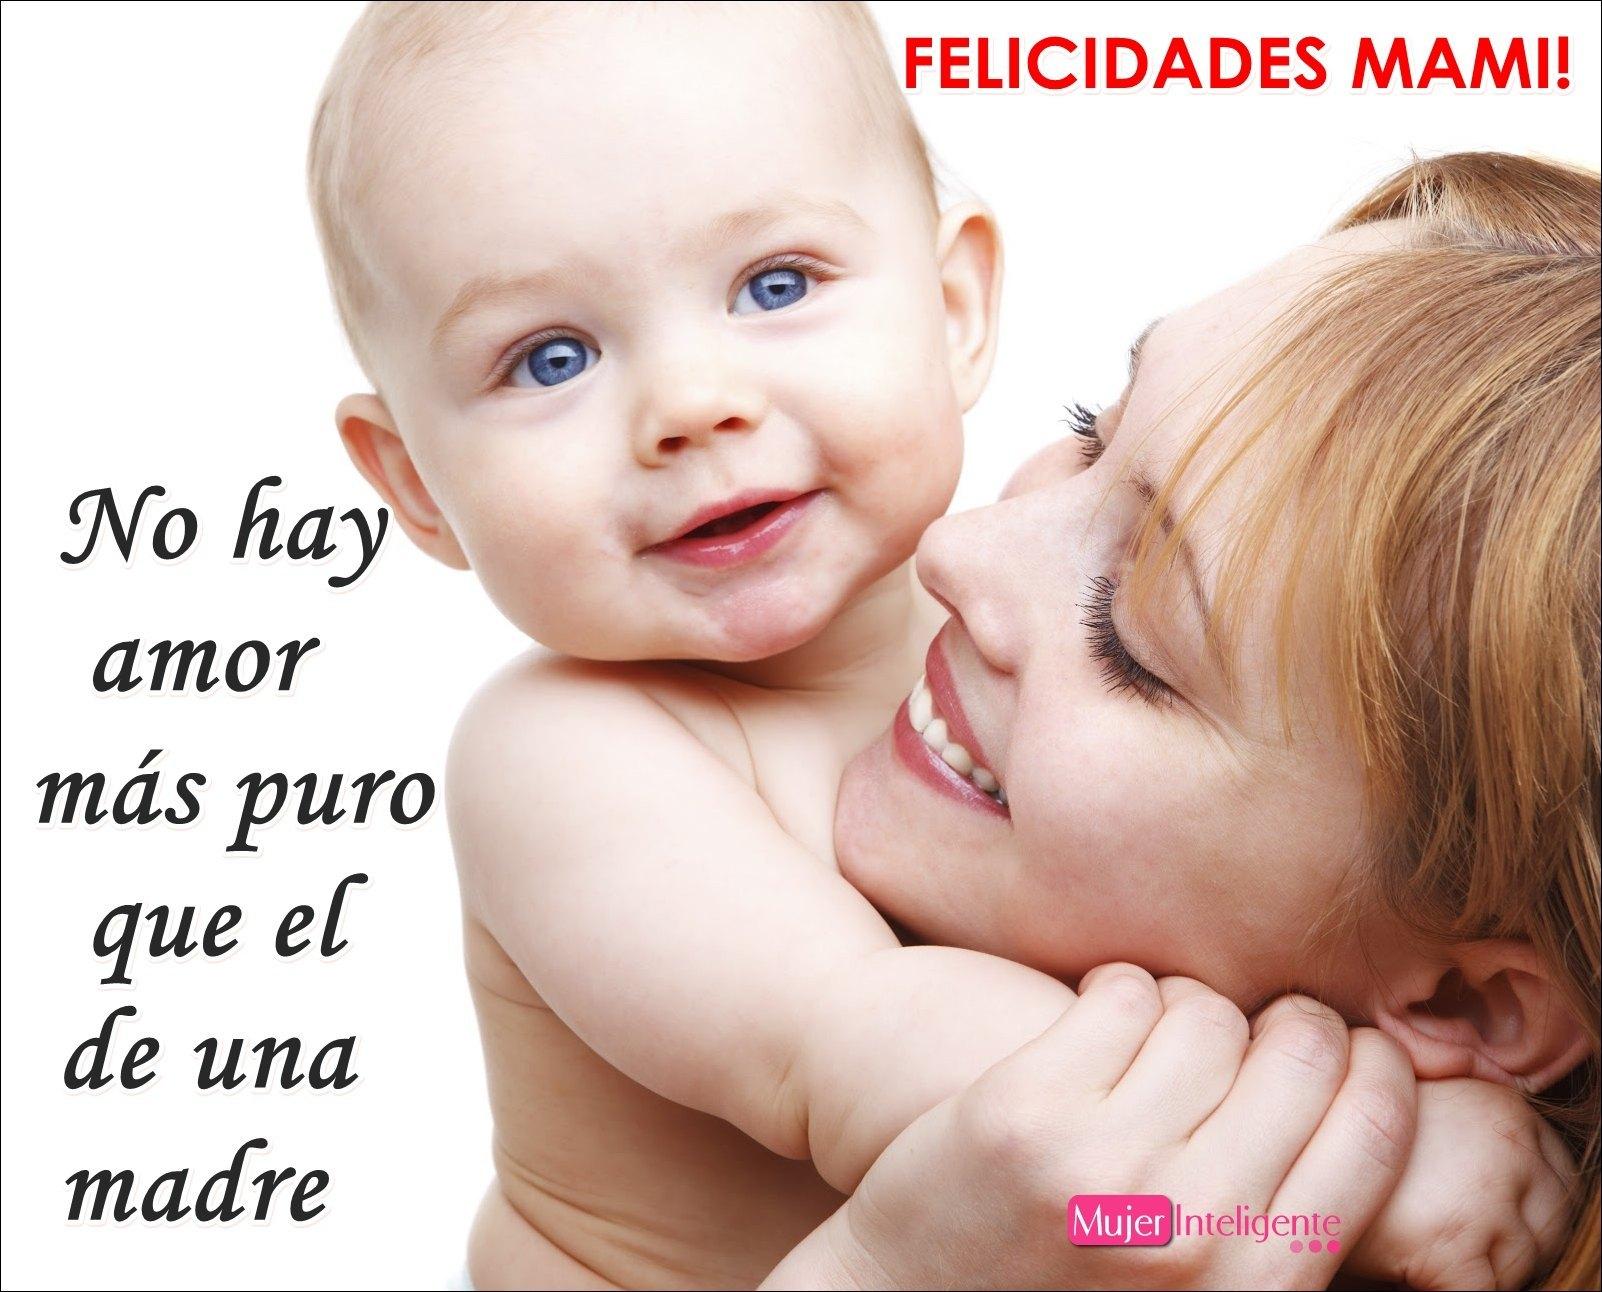 frase y felicitaci³n dia de la madre FELICIDADES madre e hijo